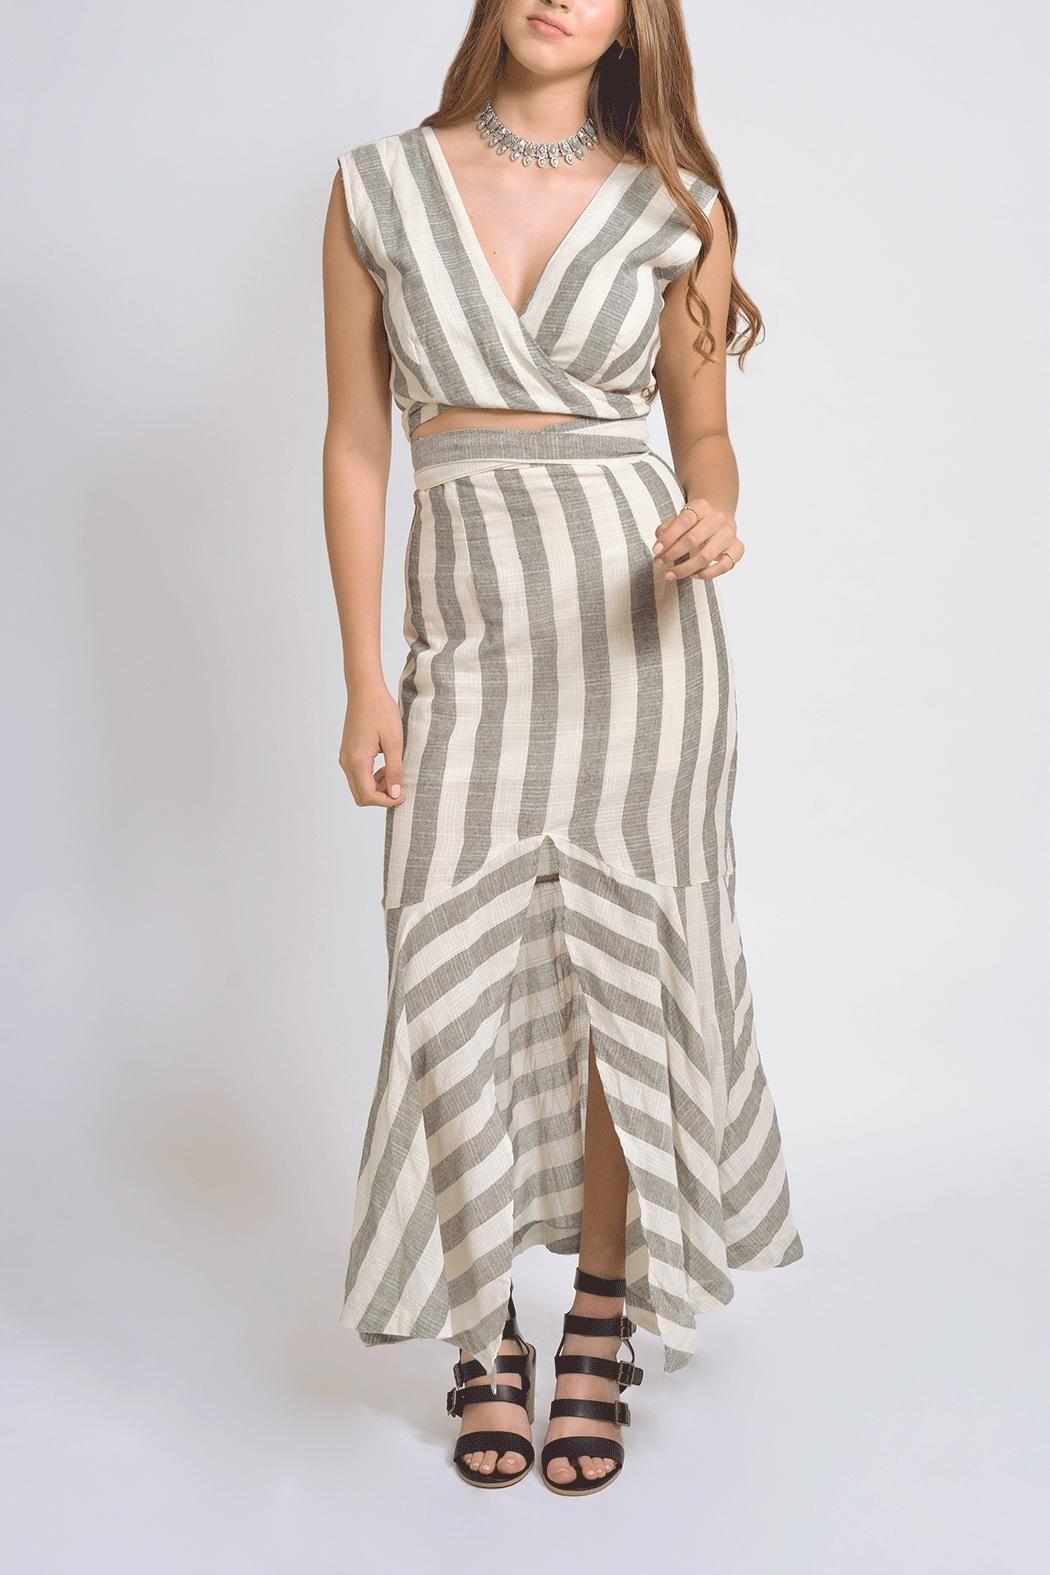 Vestido beige a rayas negras vestido largo cut out dividiendo falda de top  frente forro en f08ac84d17b7